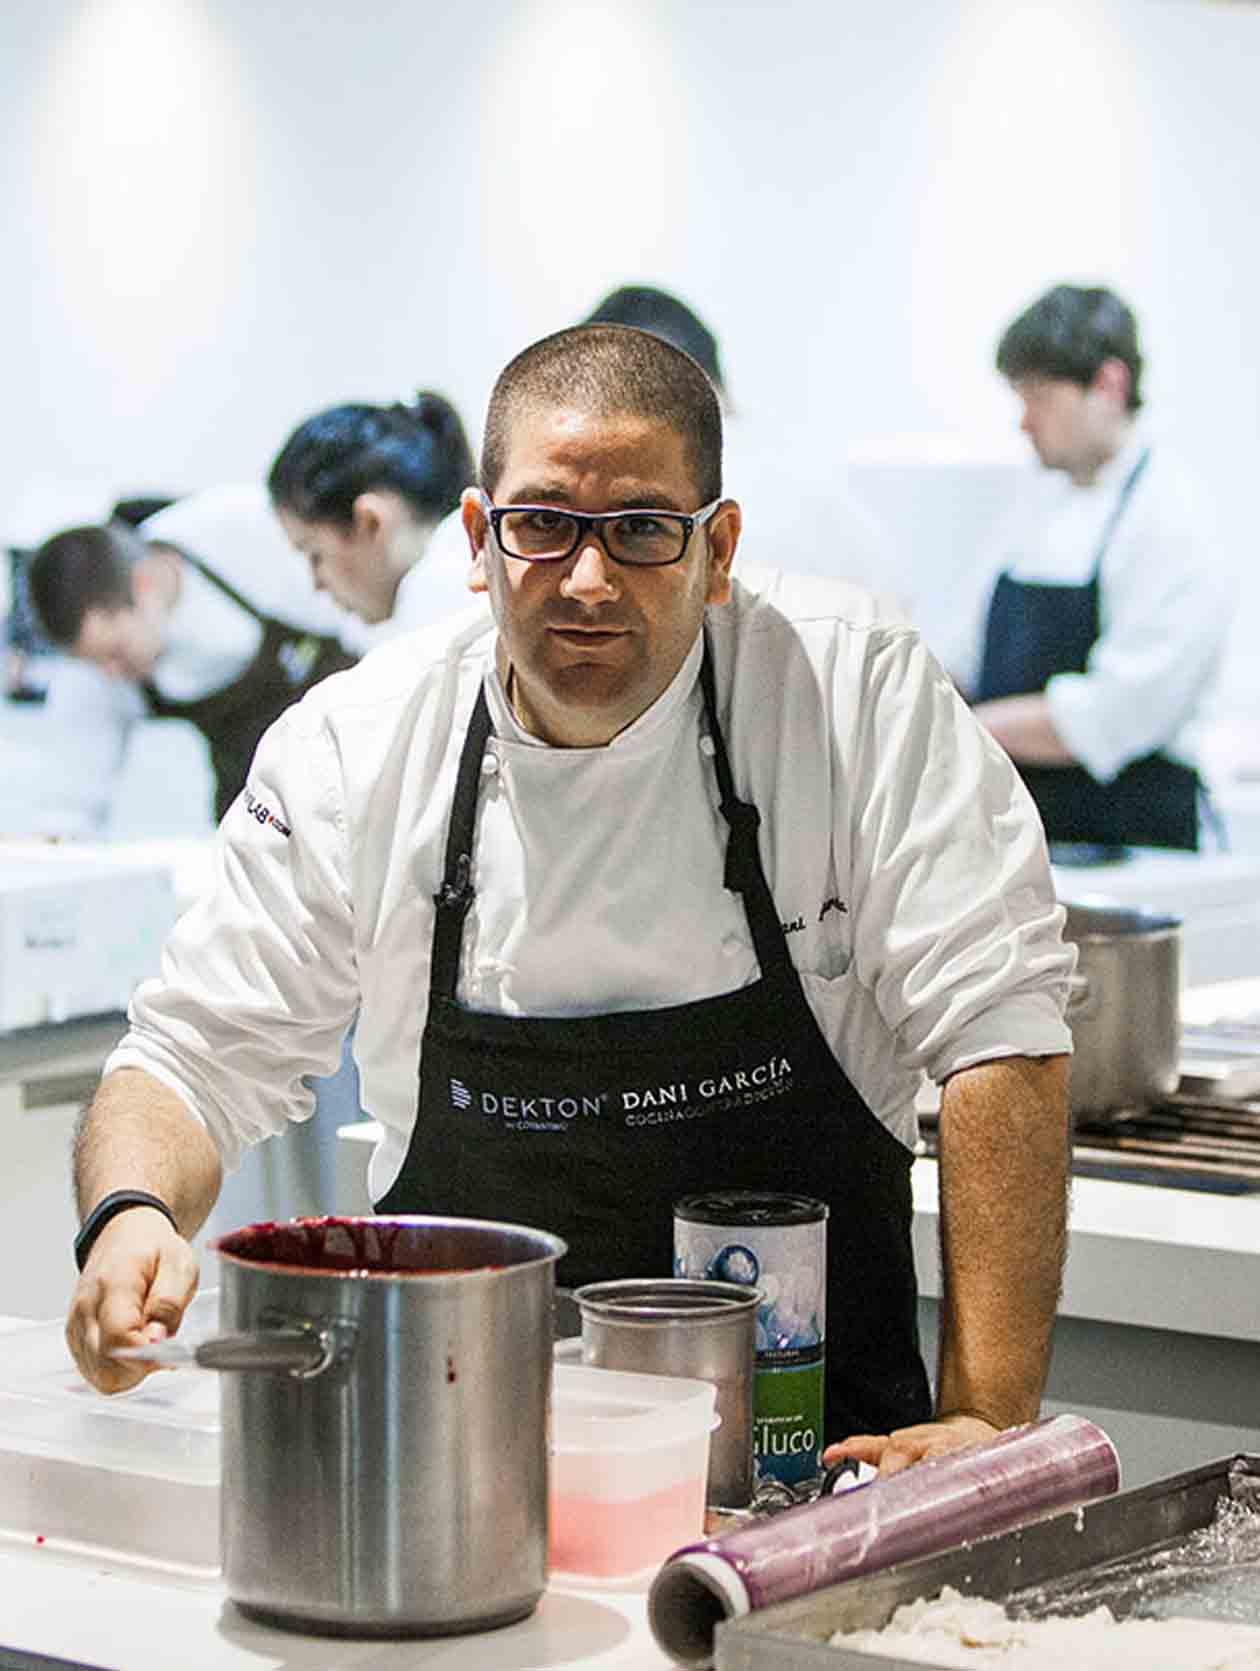 Os 30 chefs e chefs mais famosos da história 6